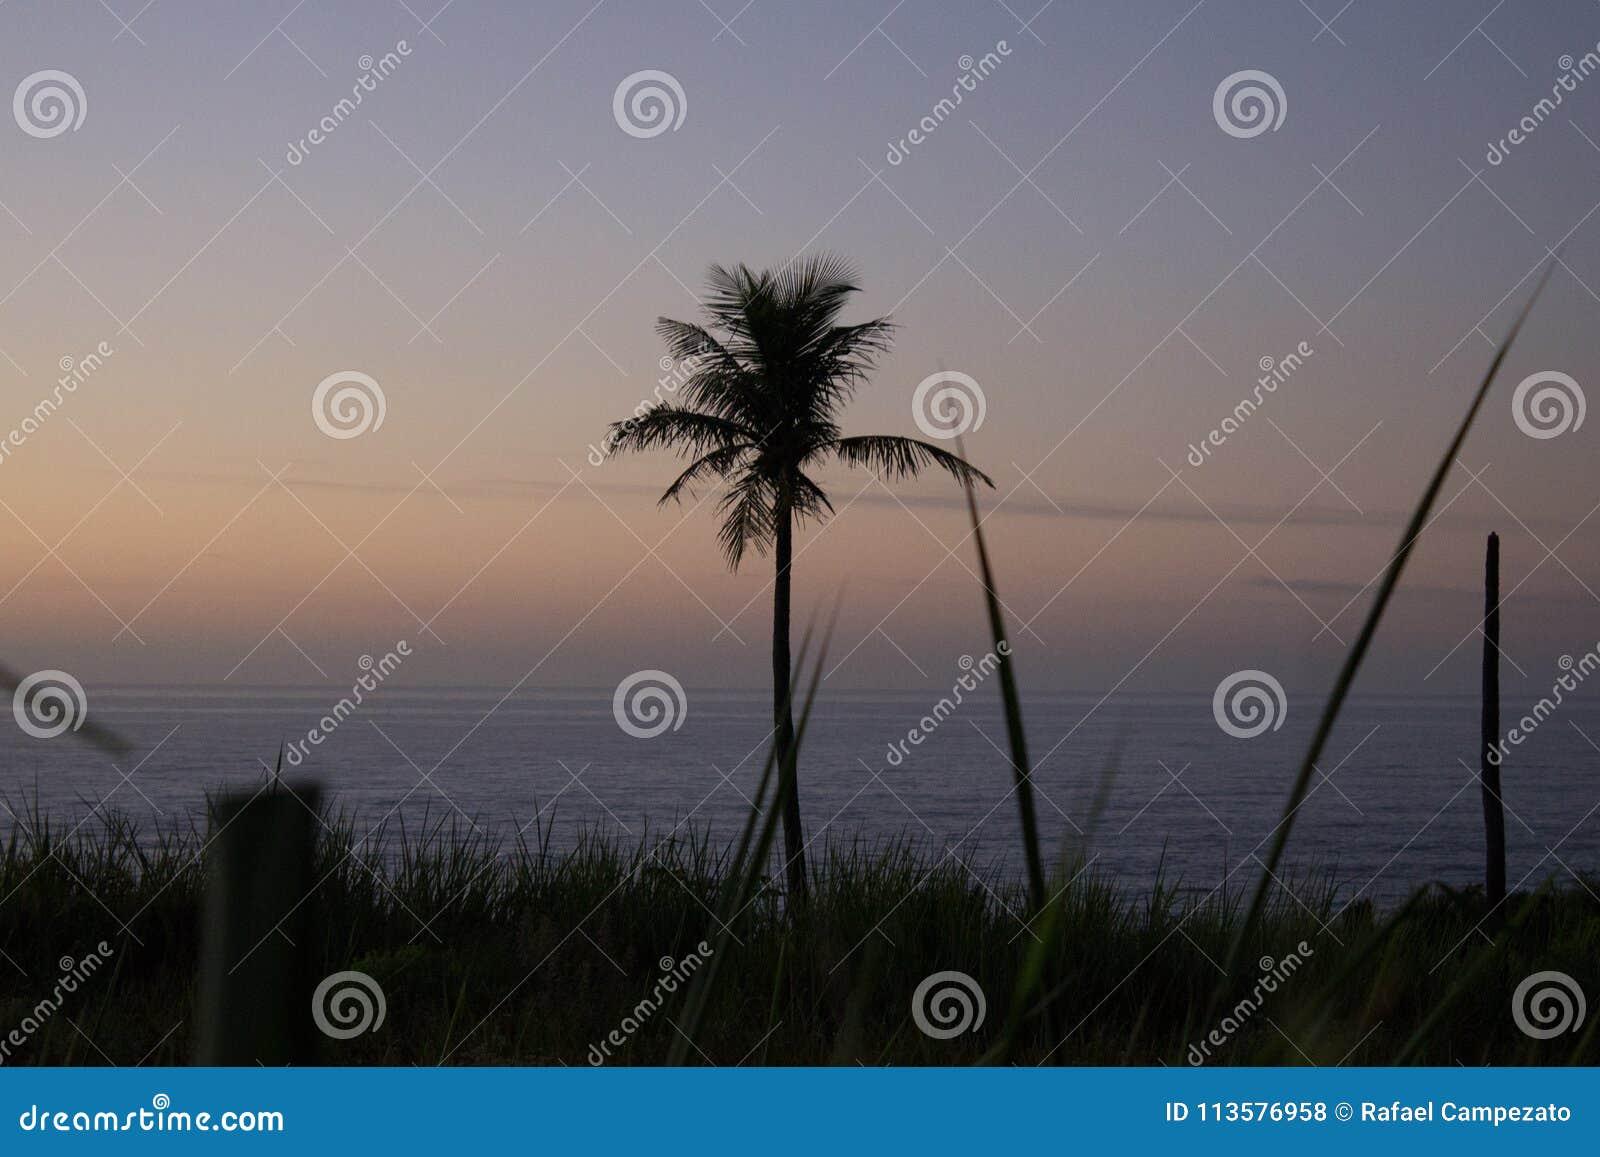 Krajobrazowa fotografia z roślinami, kokosowym drzewem w przedpolu i plażą w tle